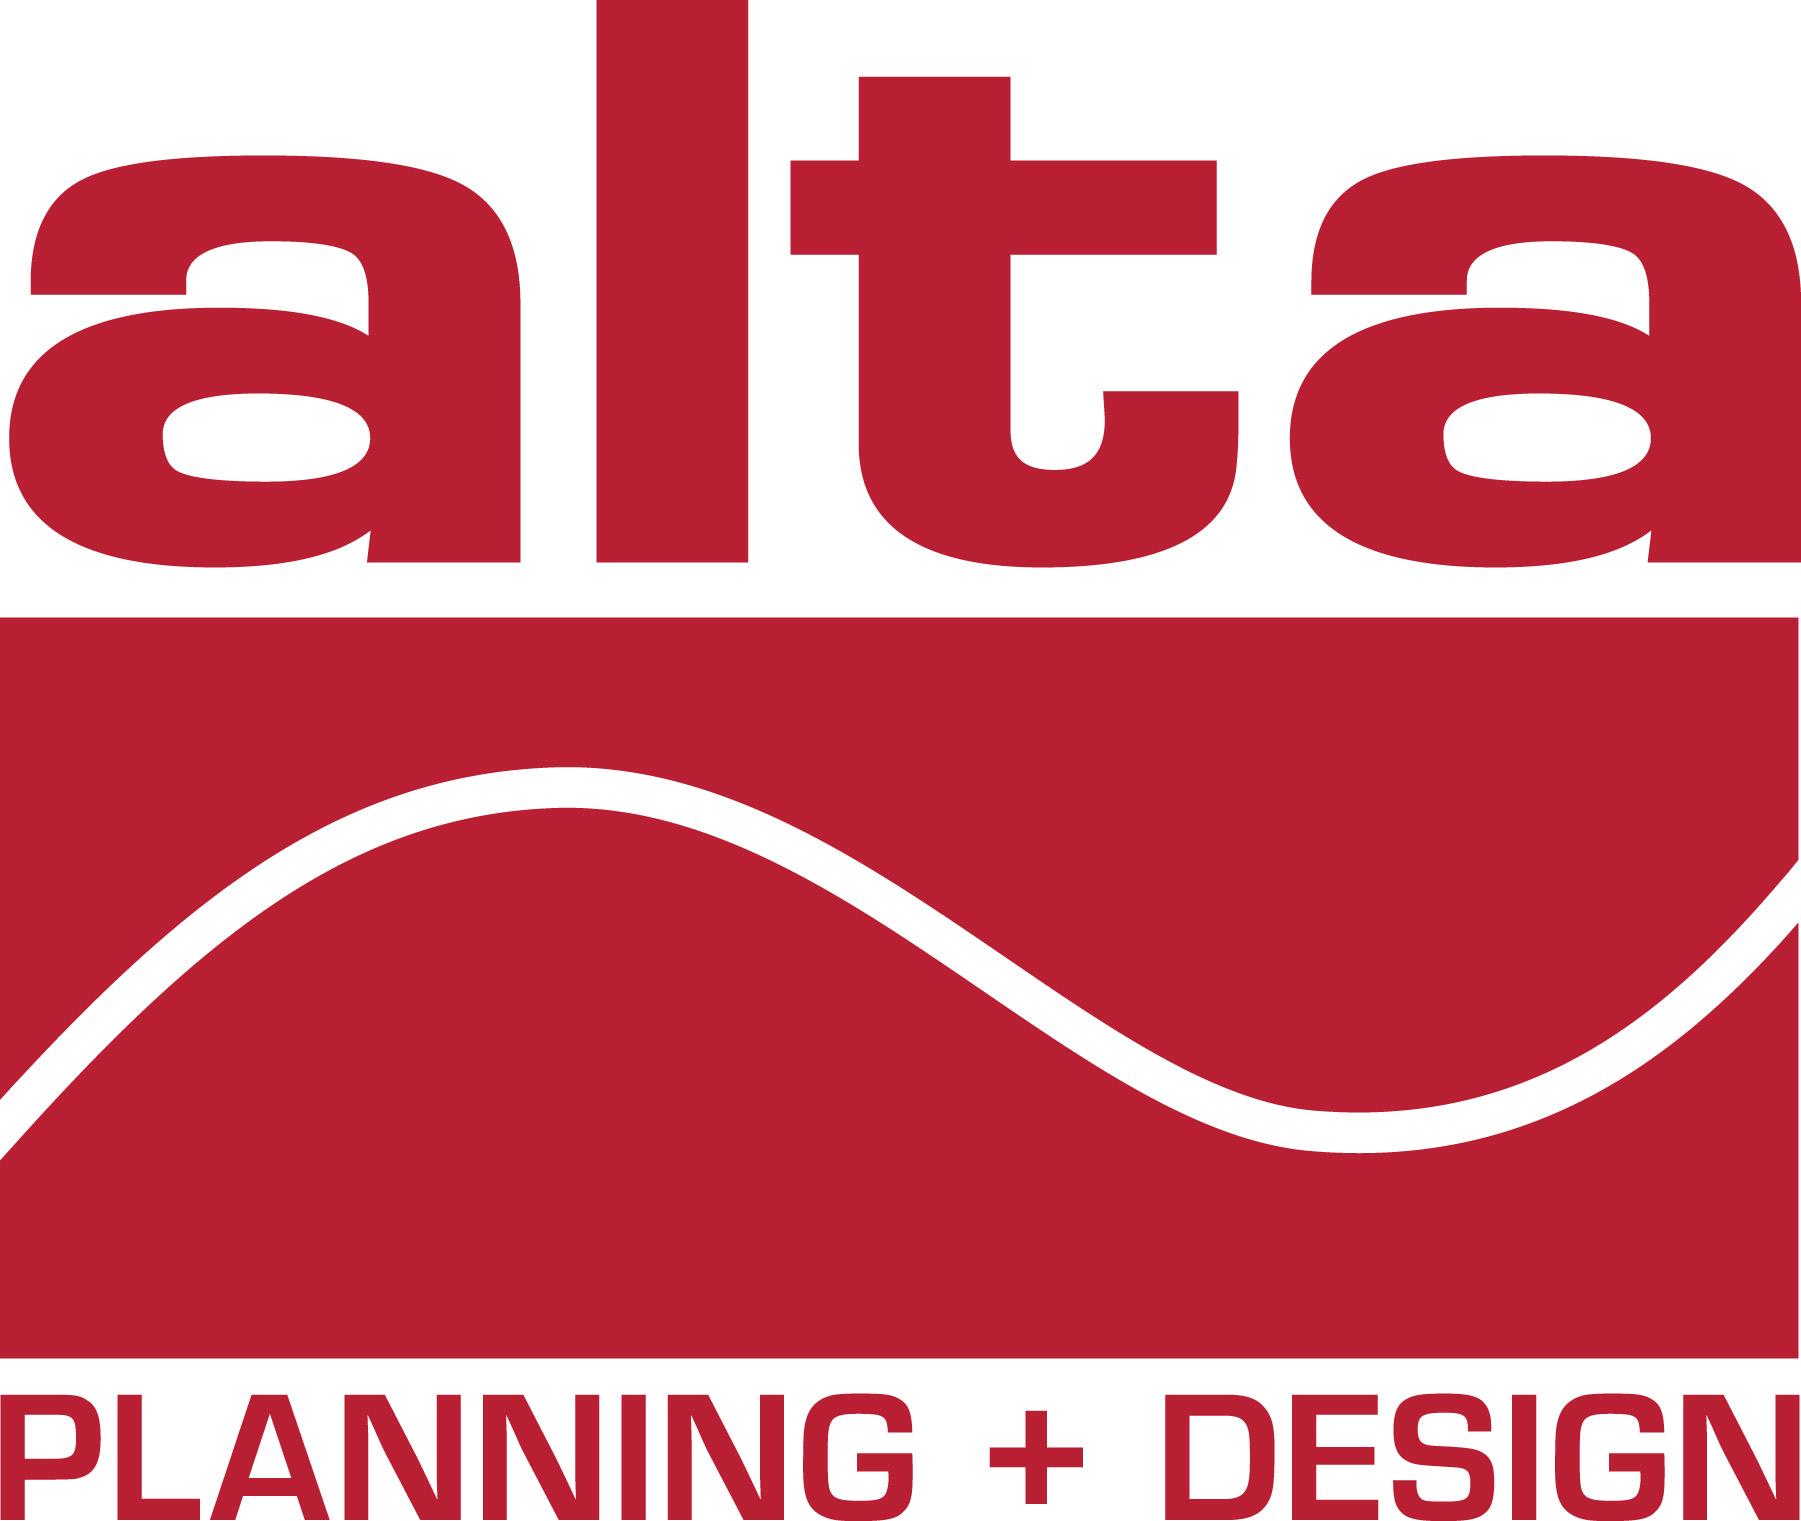 Alta Planning & Design